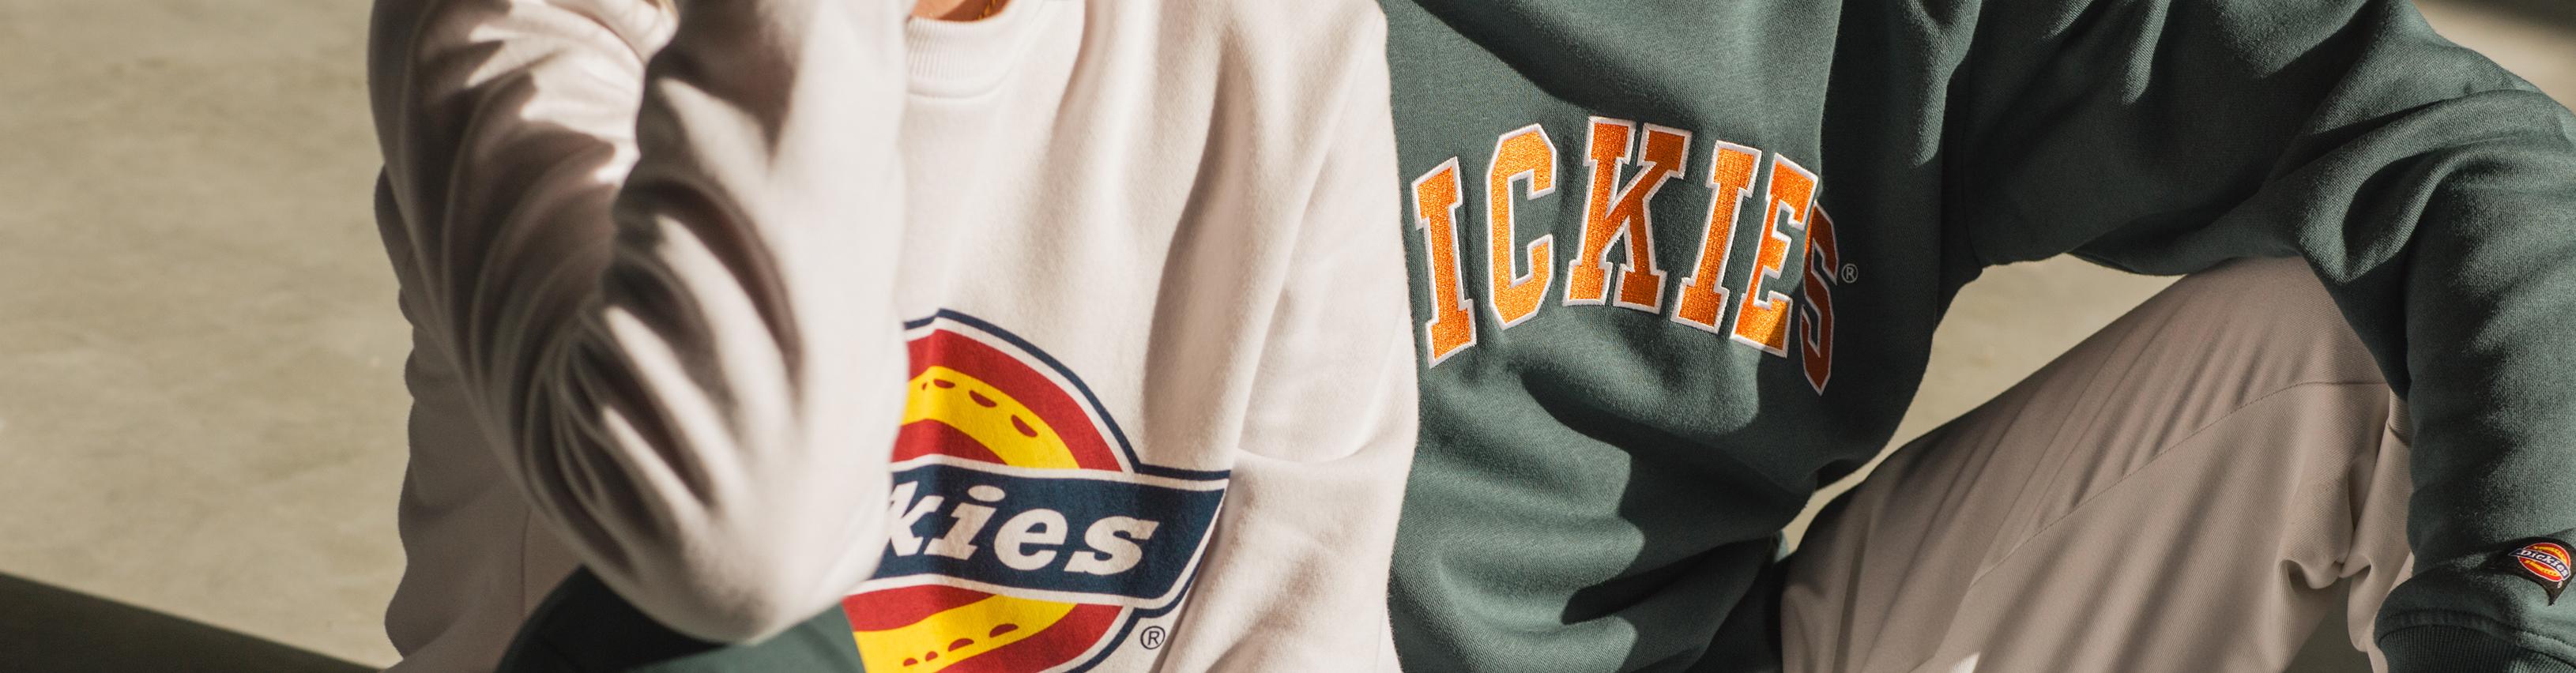 dickies แบรนด์เสื้อผ้าชื่อดัง สไตล์วัยรุ่นอเมริกัน ส่วนลด his คุ้มยิ่งขึ้นเมื่อเข้าผ่านช้อปแบคได้เงินคืน 2.5%